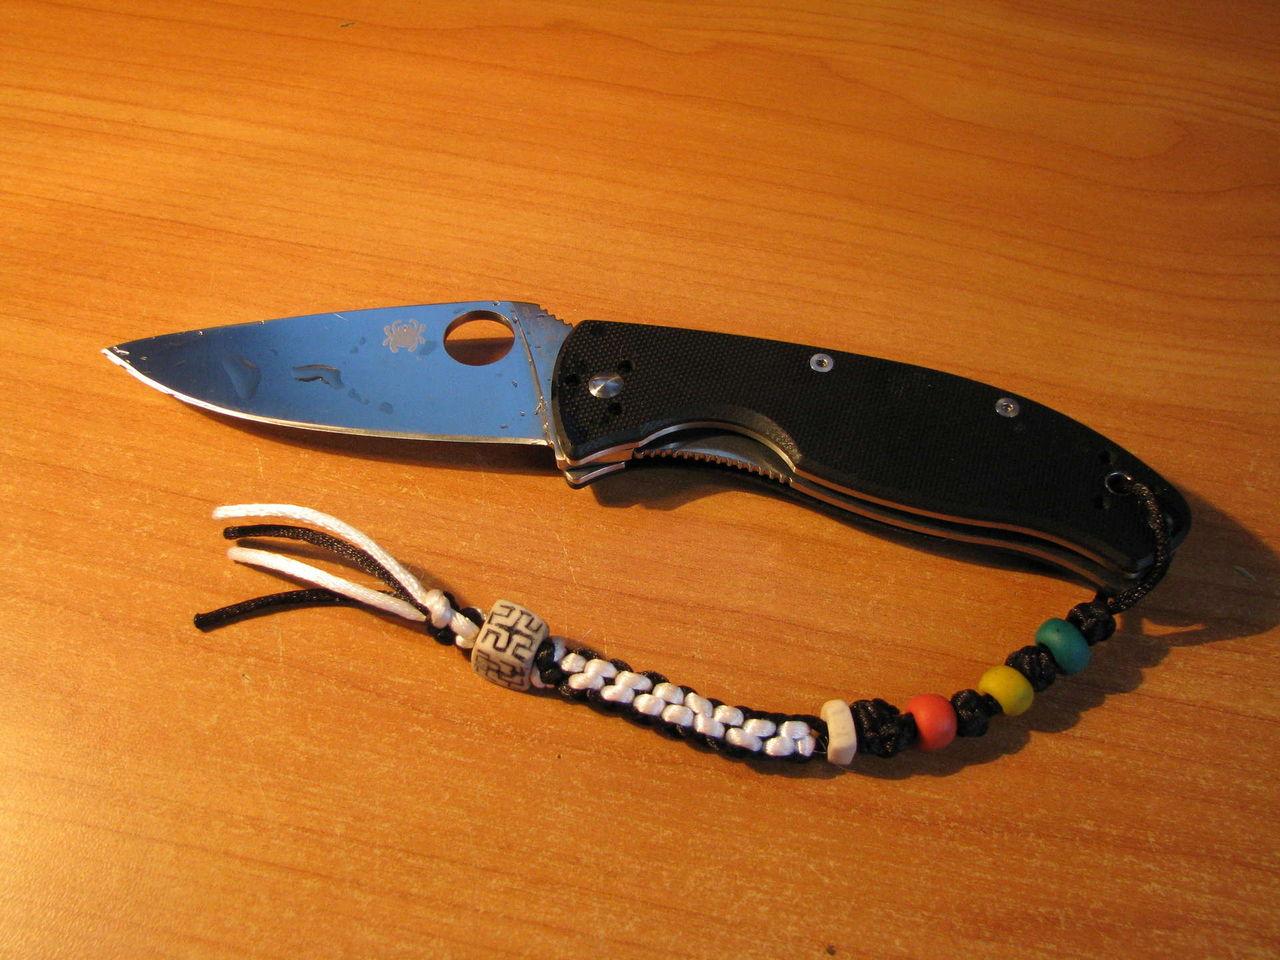 Нож из кабеля и веревки в примитивном стиле - Pikabu 22